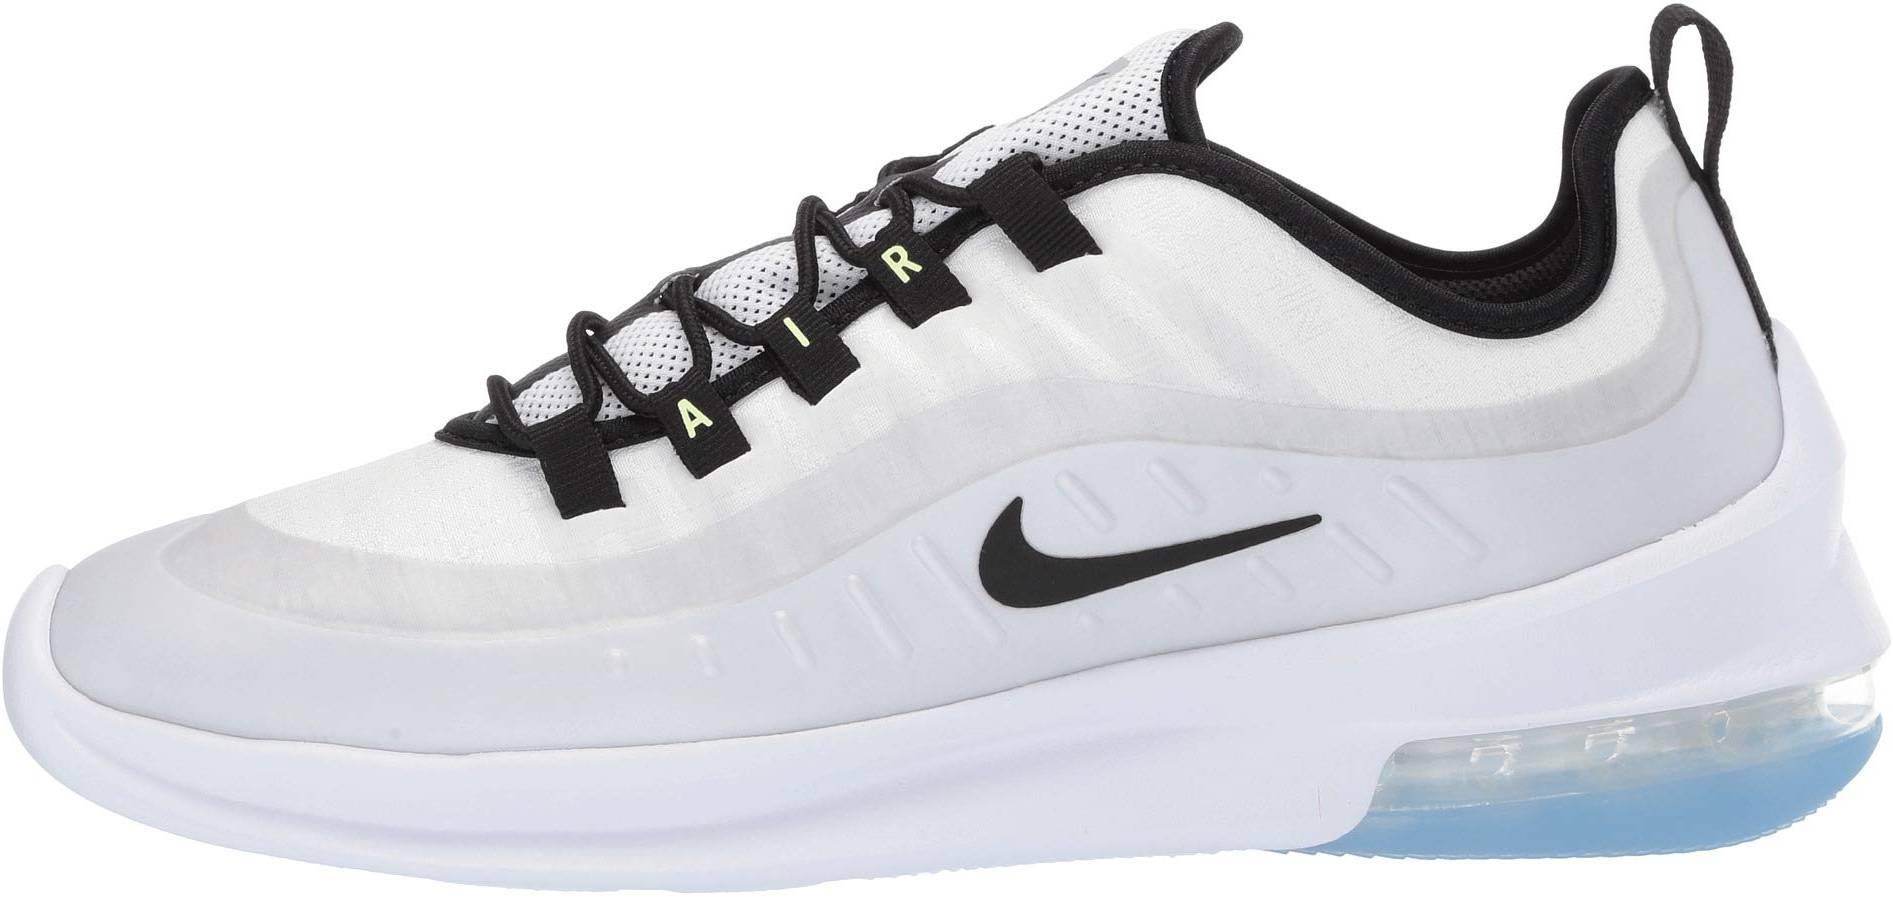 Nike Air Max Axis Premium sneakers in 6 colors | RunRepeat